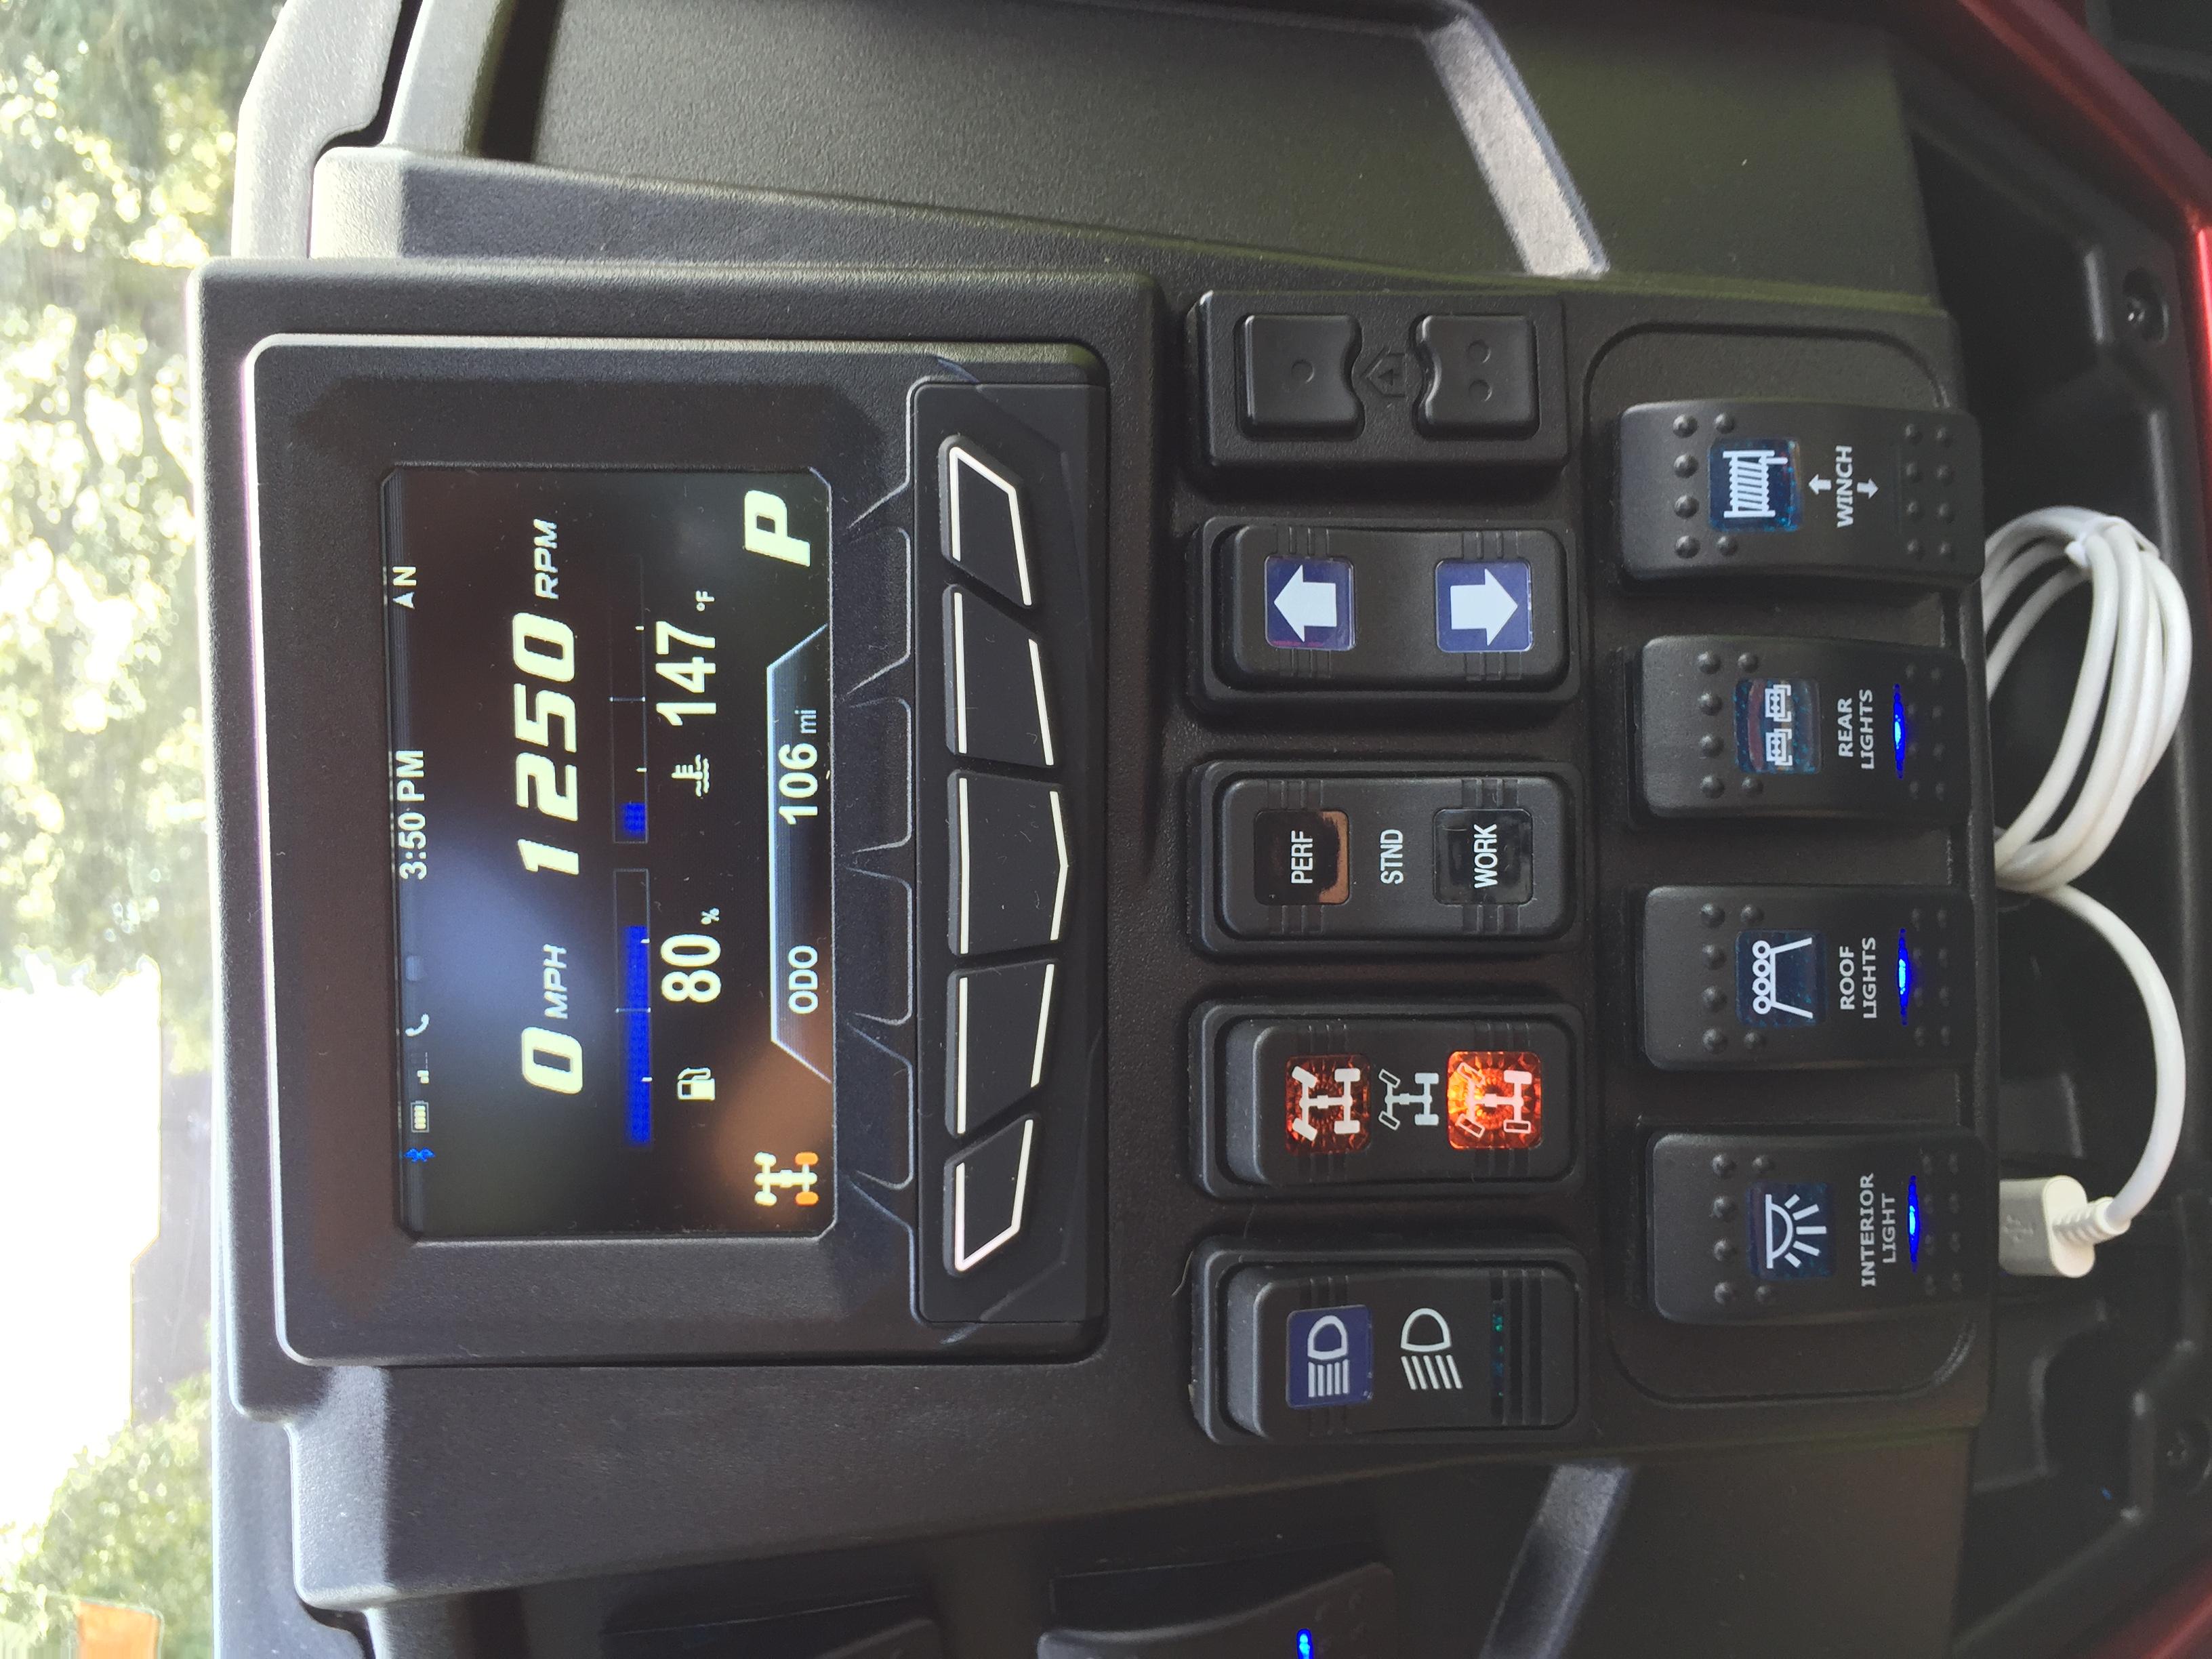 2017 Polaris Ranger Xp 1000 Eps Modified Photos